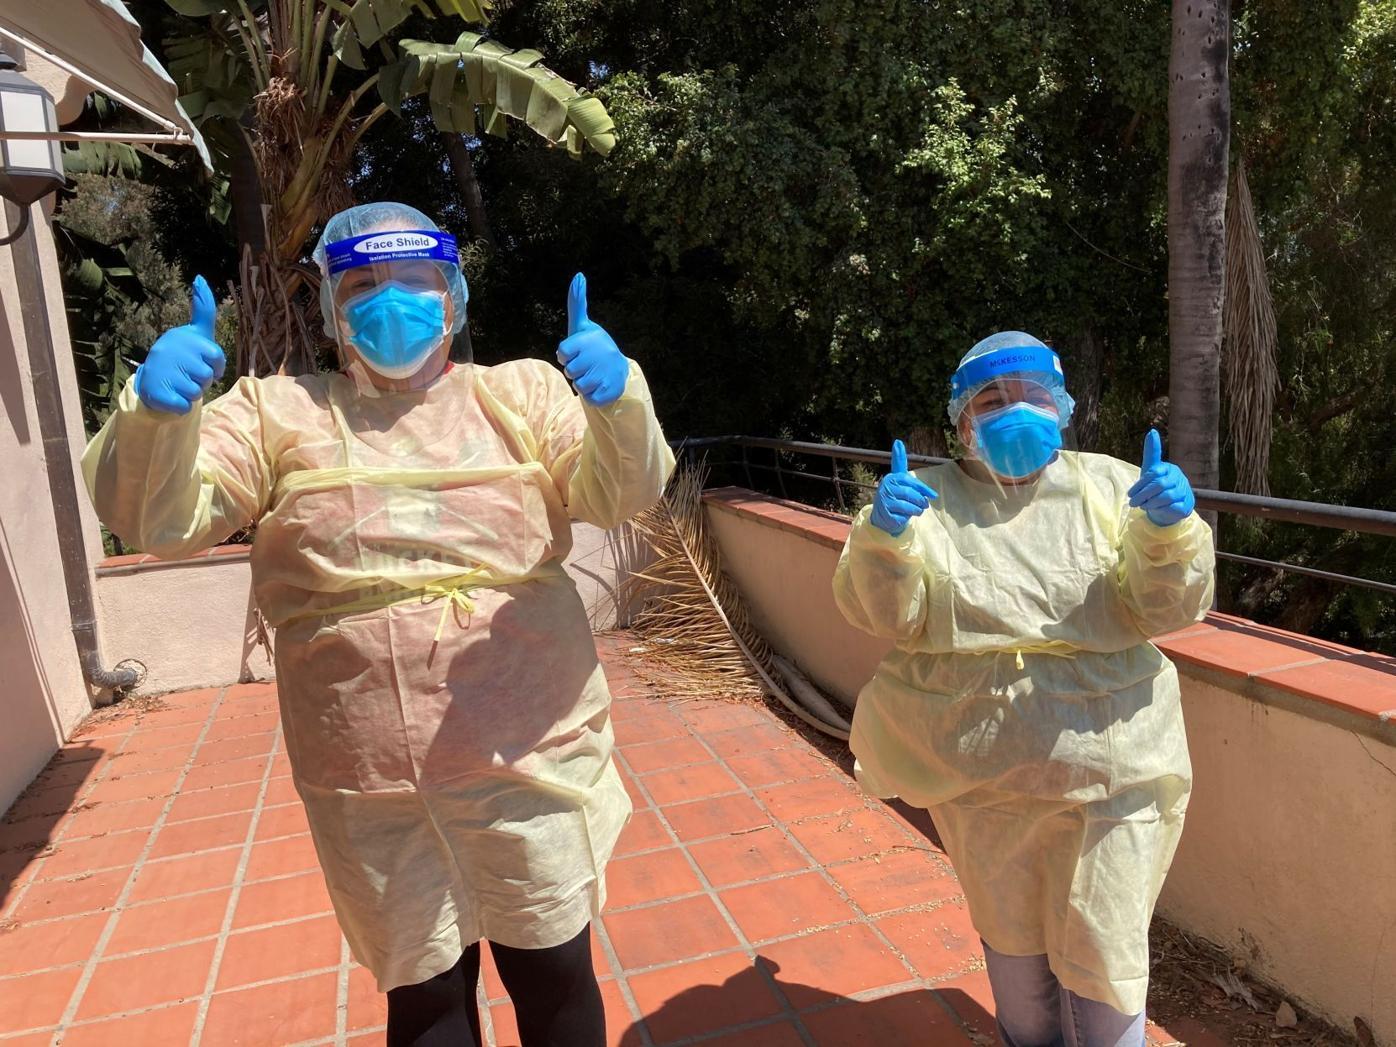 Housing 4 Harvest PPE Training Sept 2020